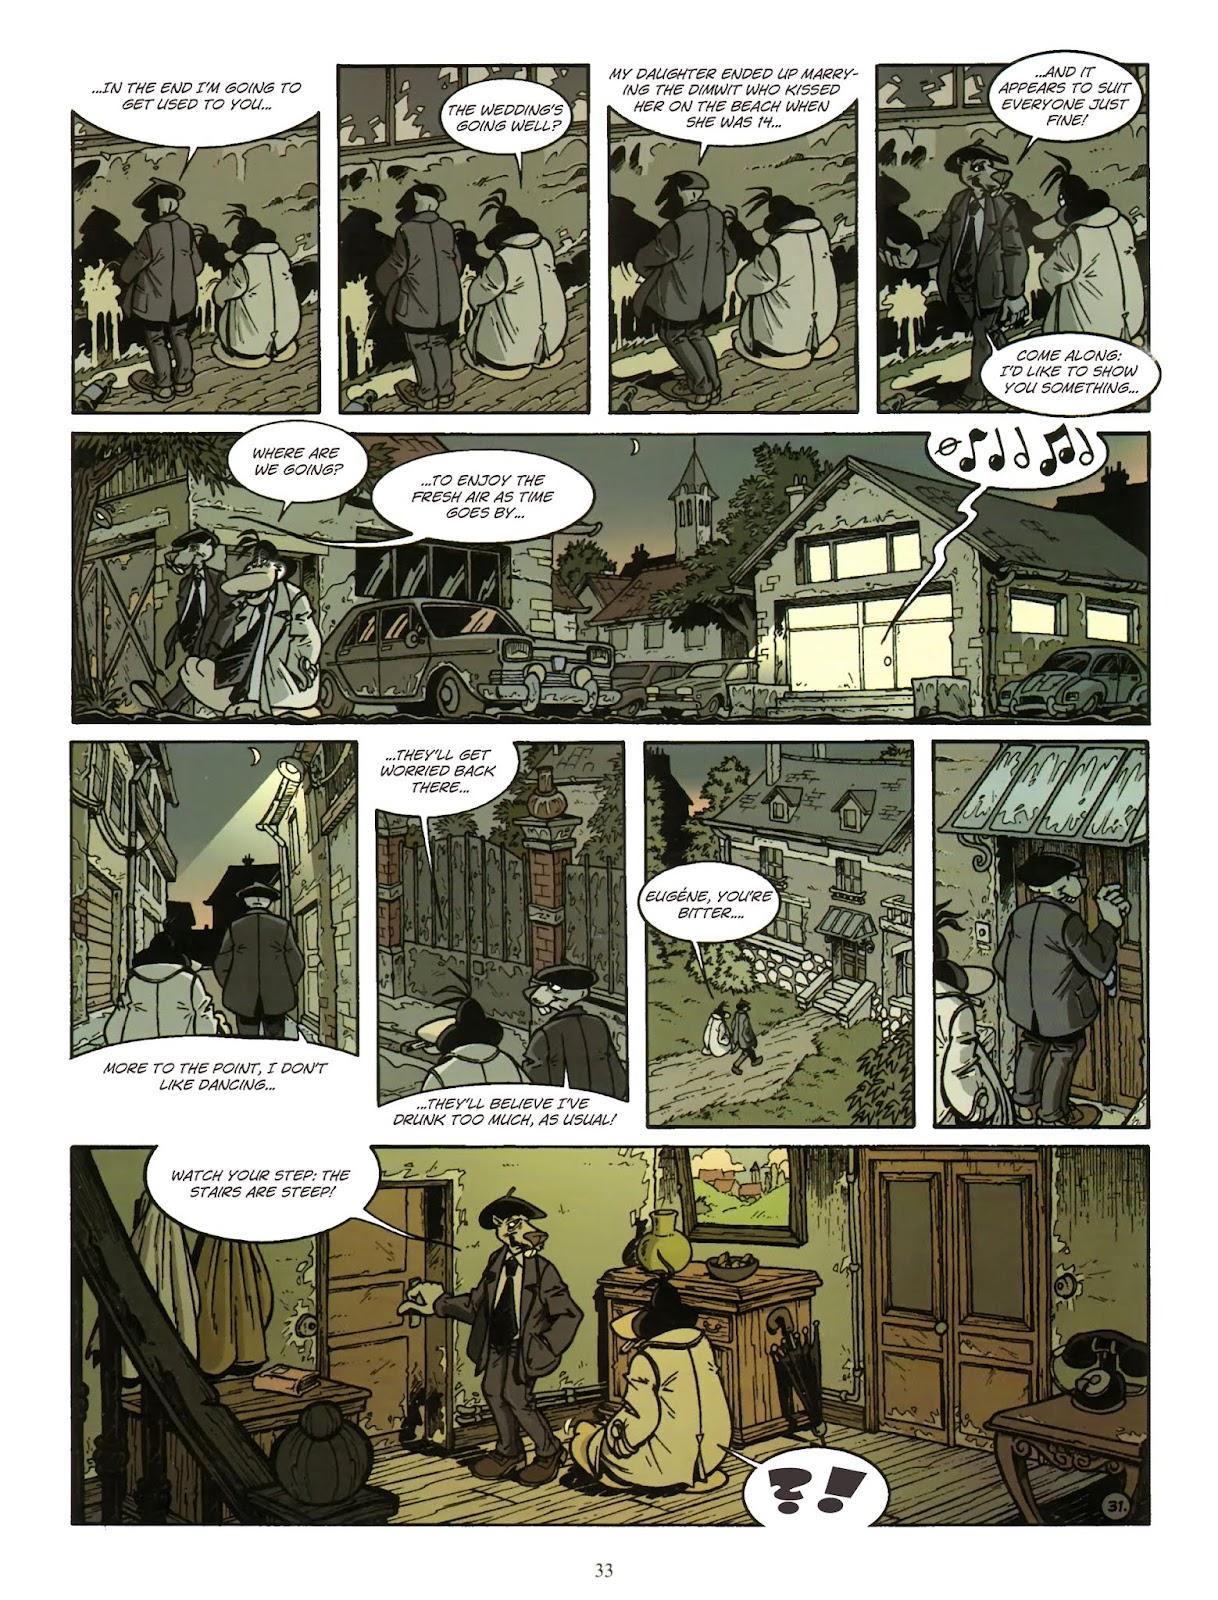 Une enquête de l'inspecteur Canardo issue 11 - Page 34